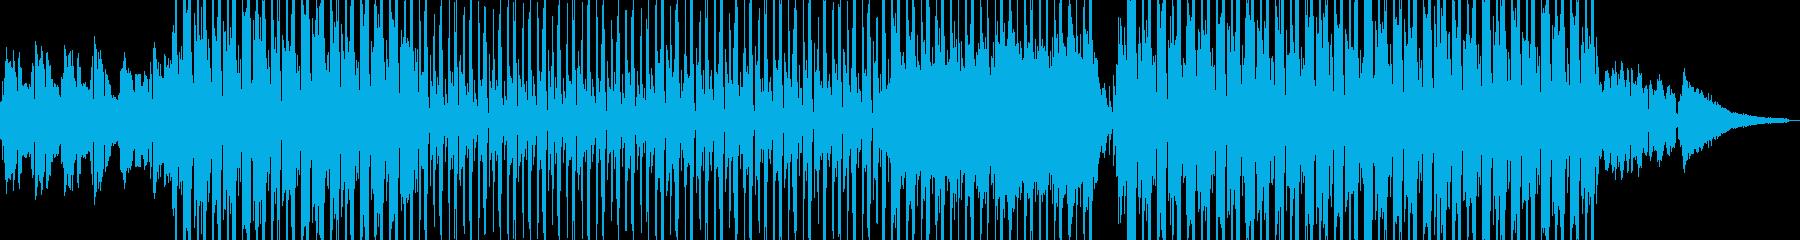 倦怠感が漂うようになった2人のR&B Bの再生済みの波形